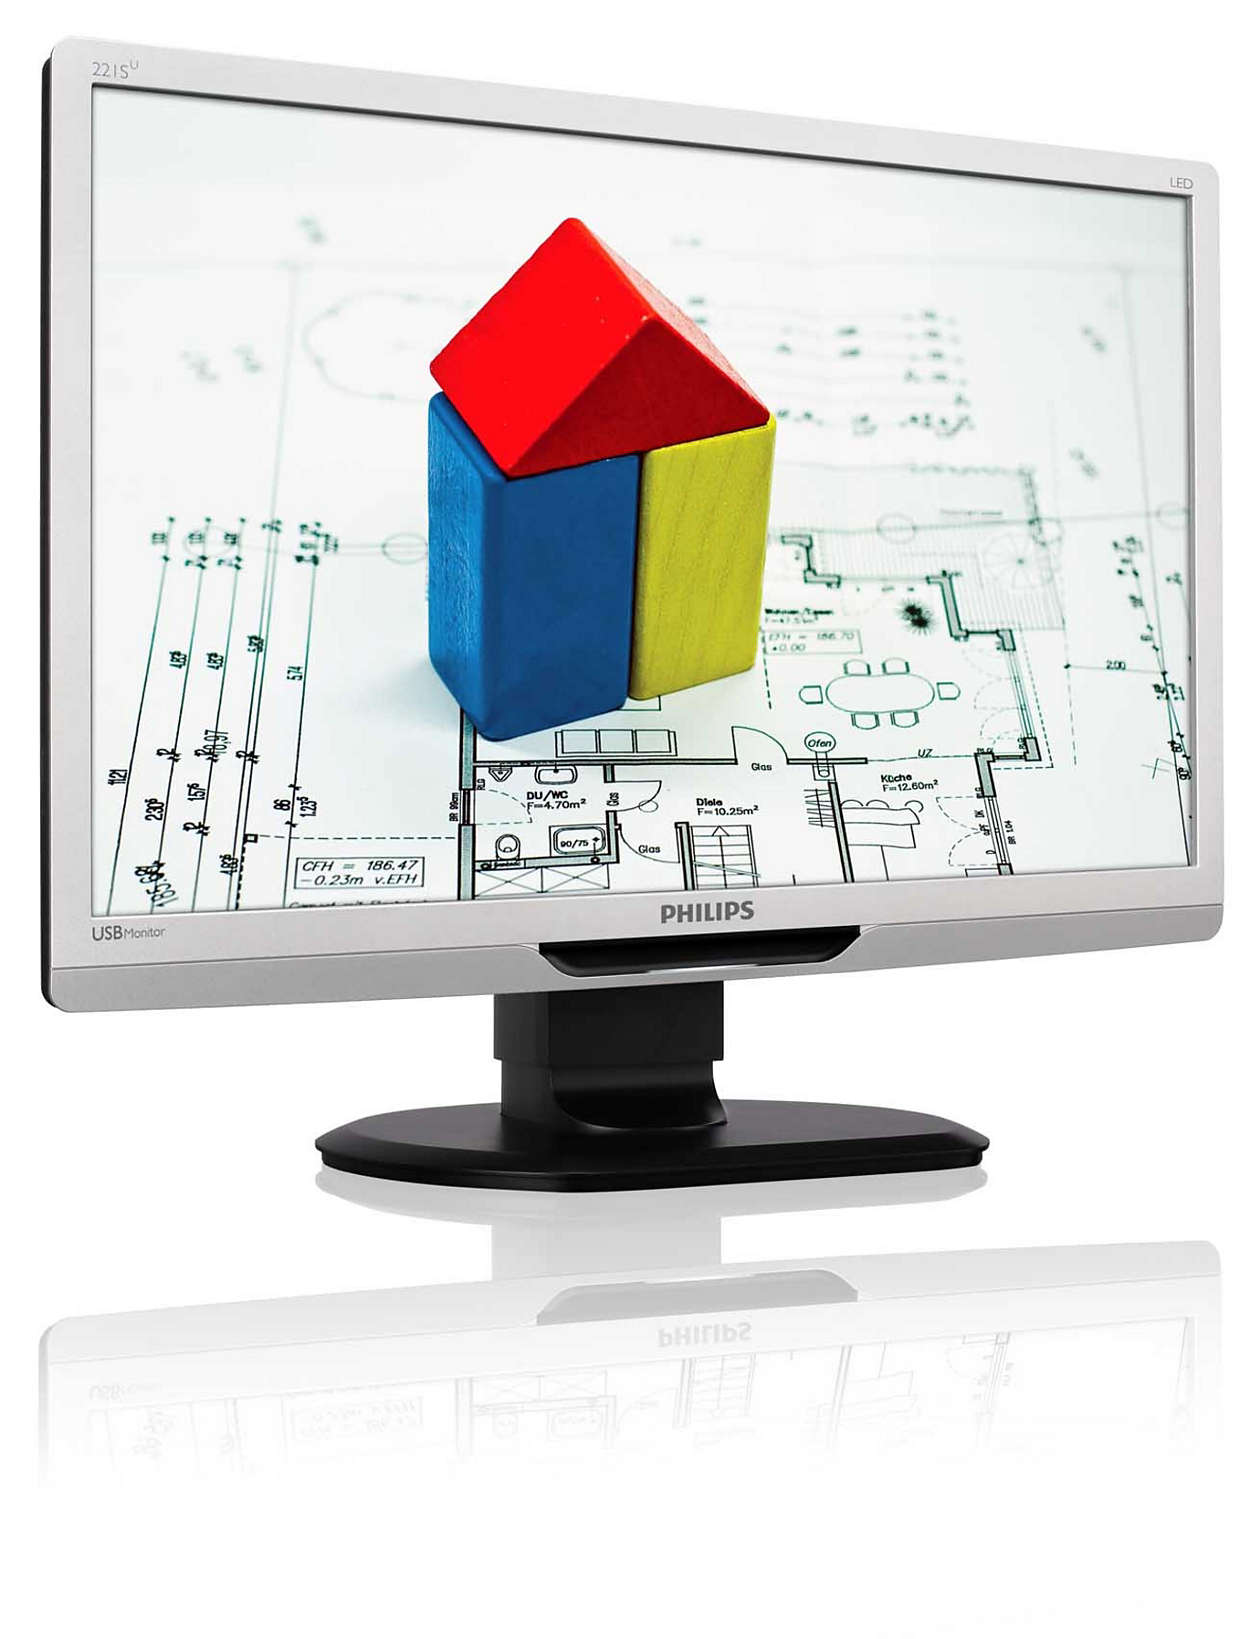 Eenvoud met USB-monitor